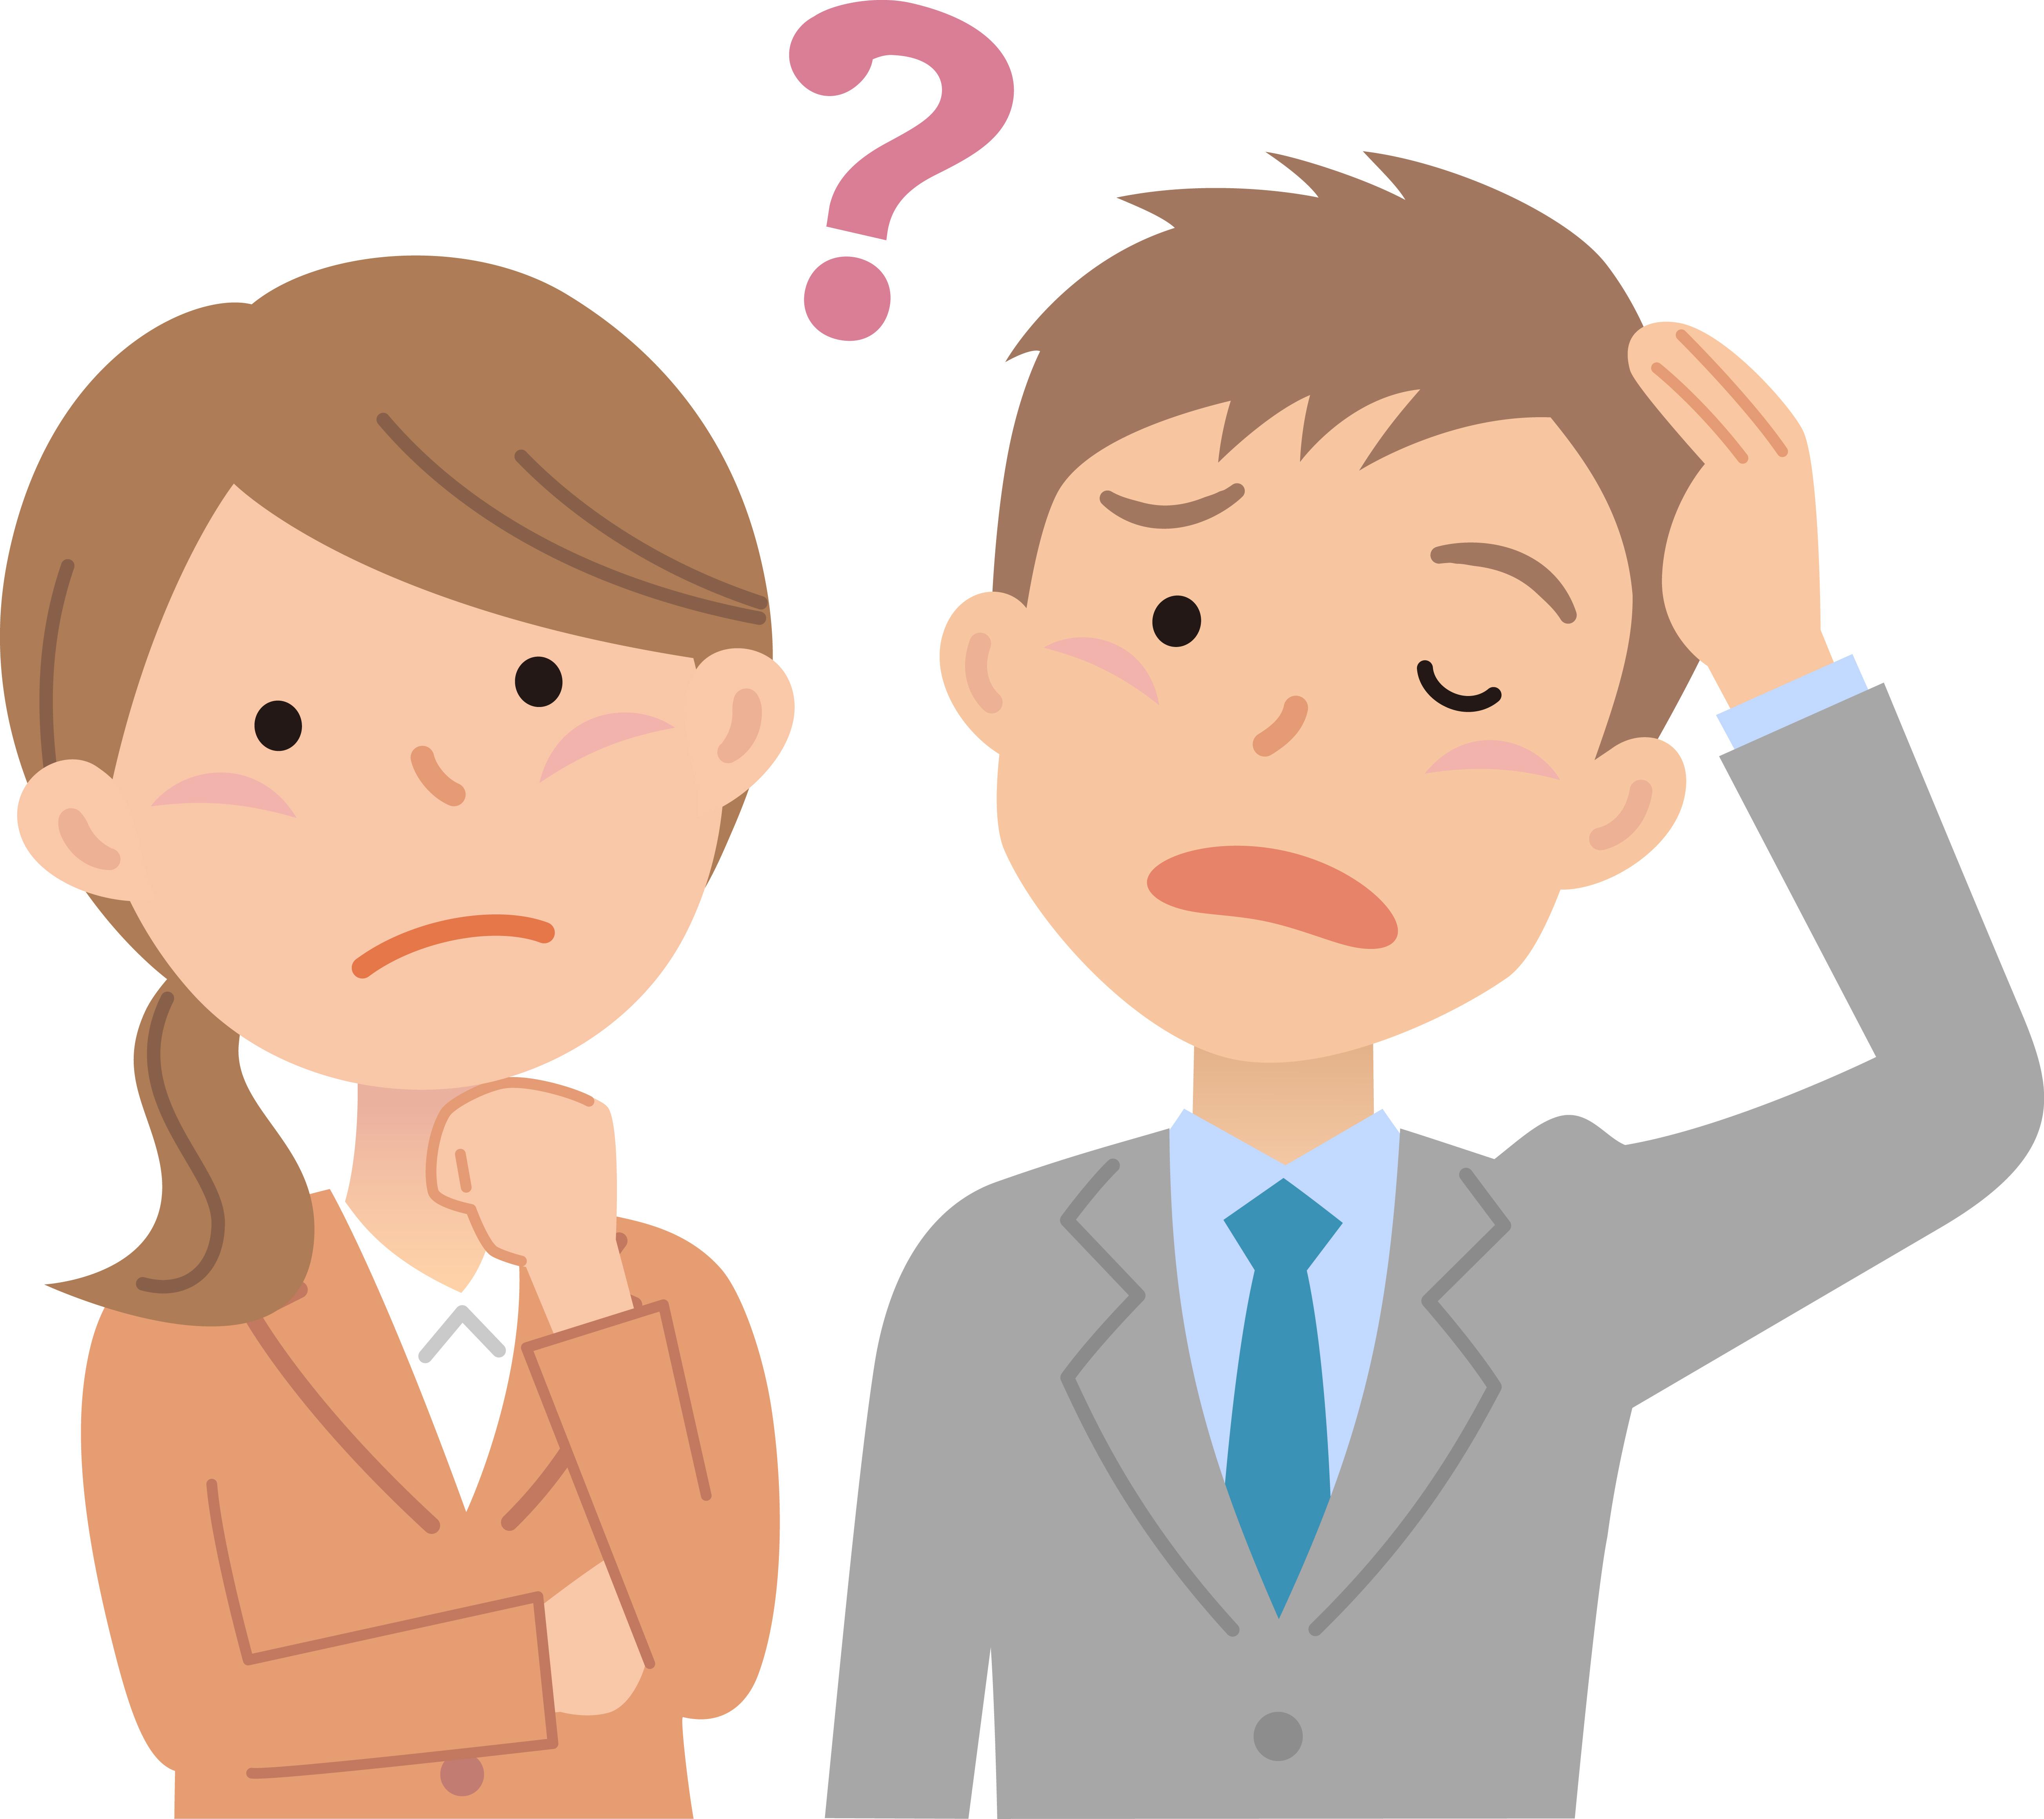 ADHDの新入社員が入社して来たら、どんな指導をすべきか